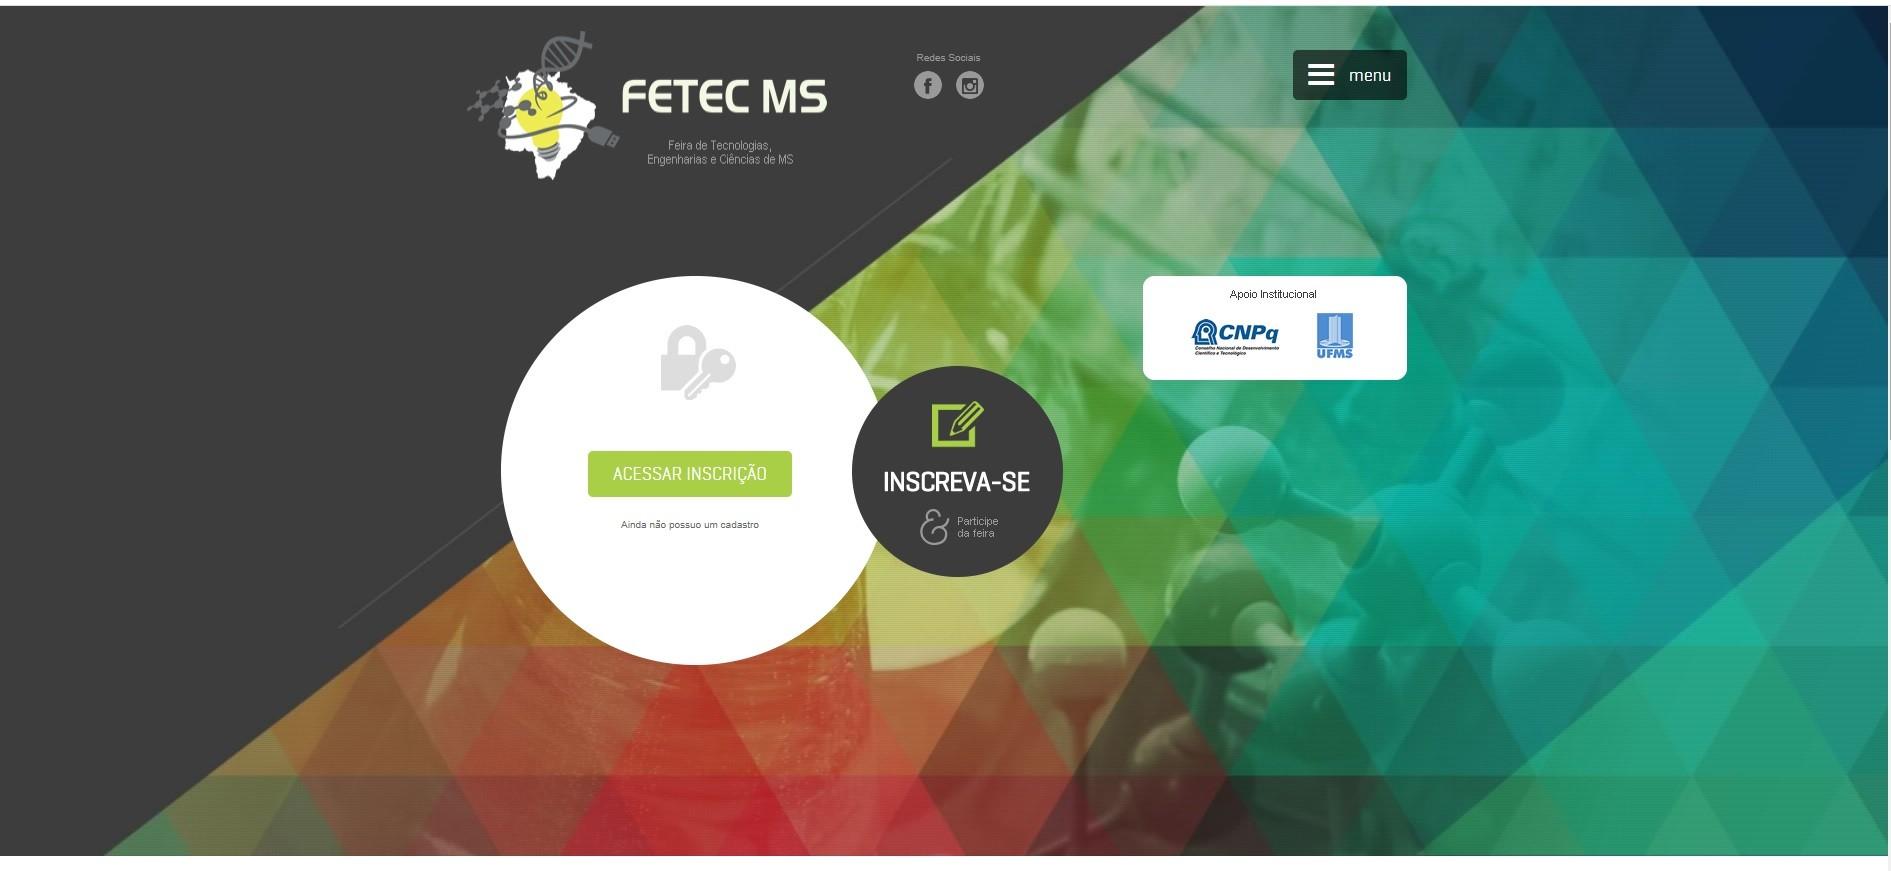 Primeira feira científica virtual de MS, Fetec abre inscrições para alunos da rede pública e privada de todo o Brasil